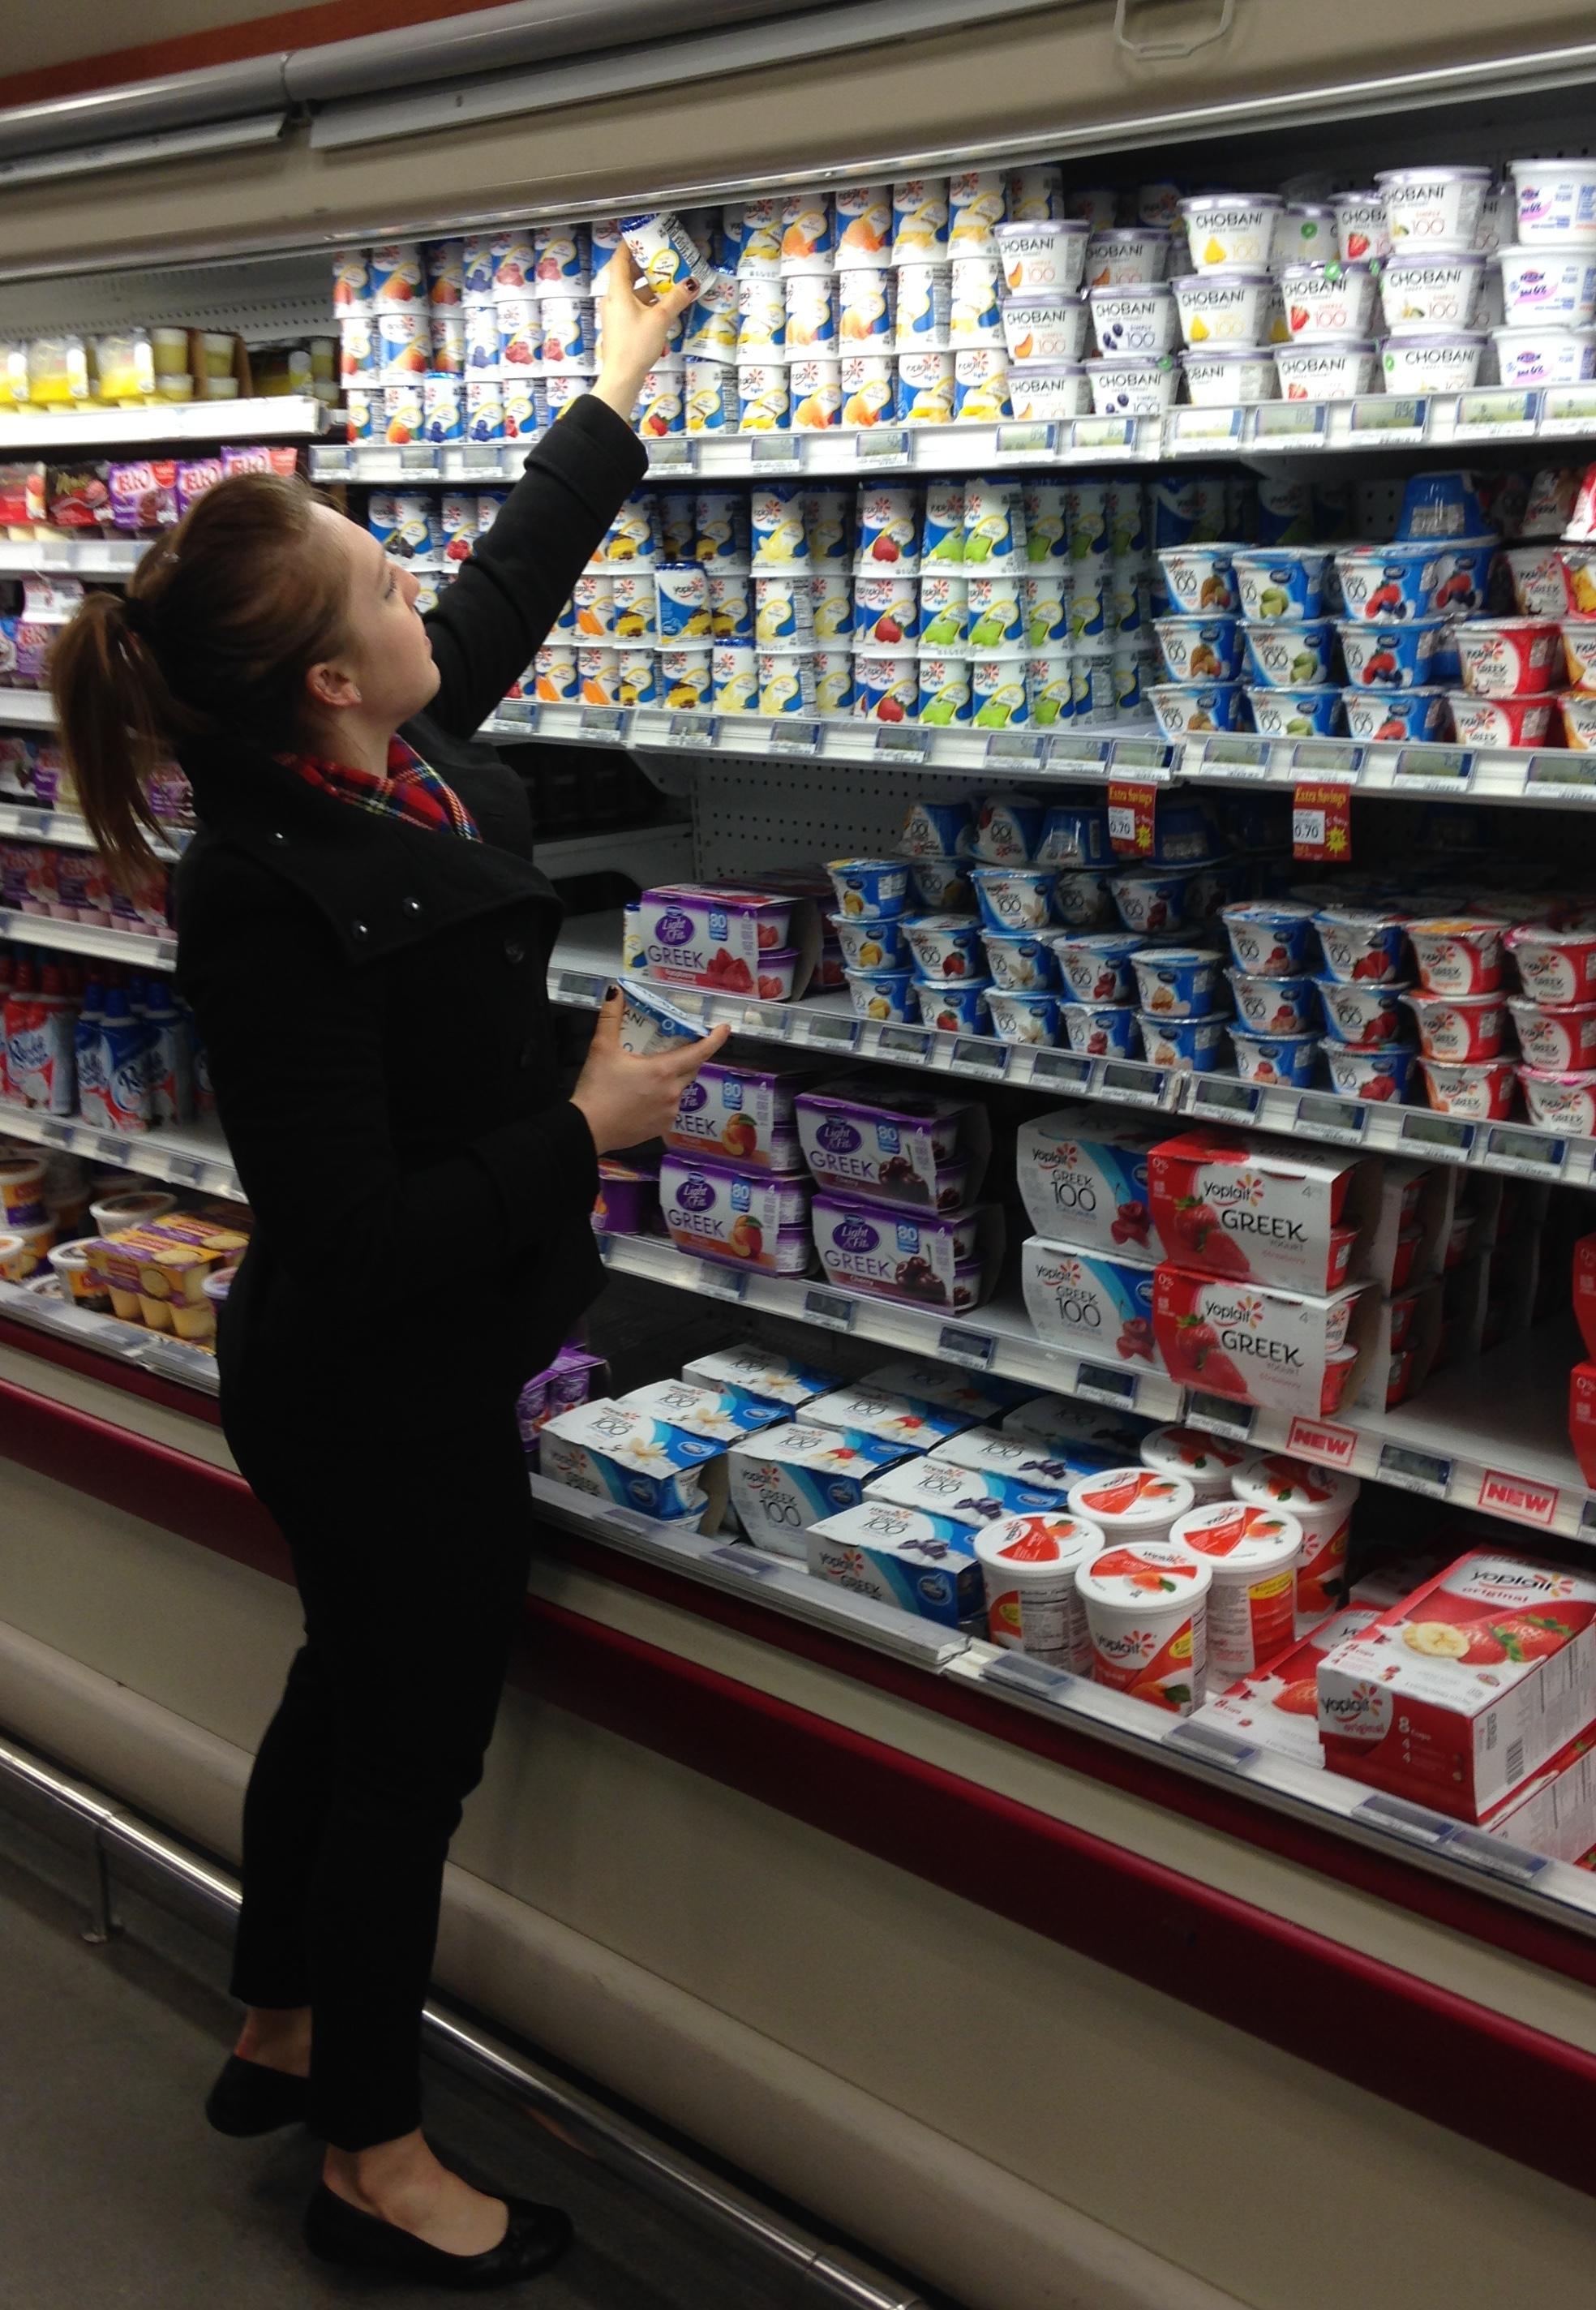 ¿El etiquetado de los alimentos afecta nuestras decisiones?